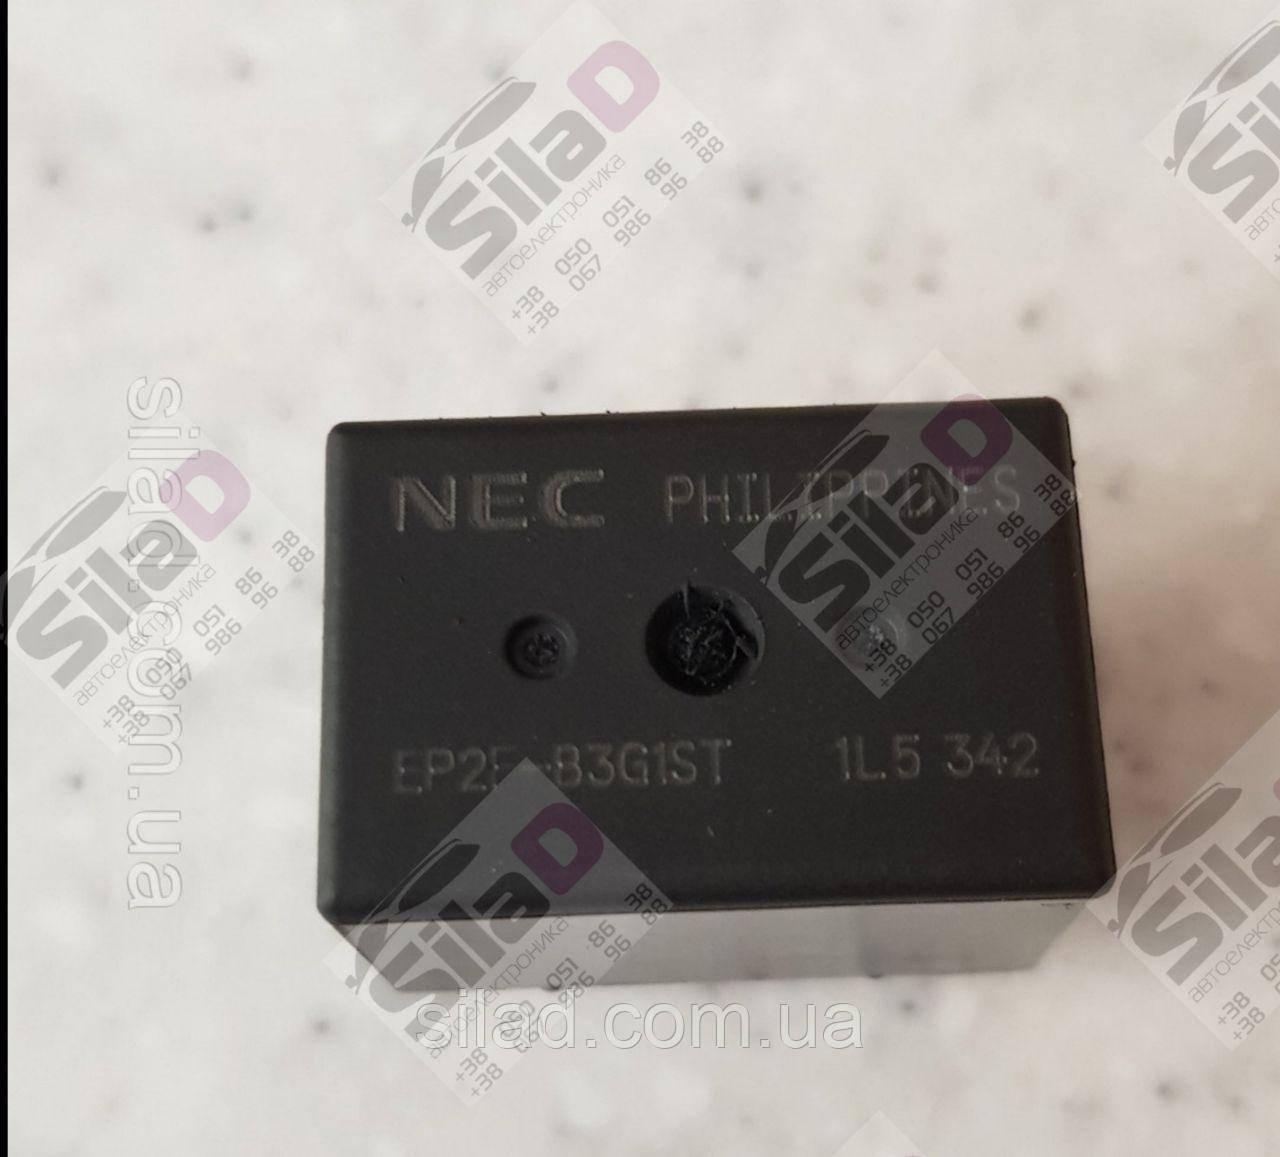 Автомобильное реле EP2F-B3G1ST NEC корпус 10 Pins 12VDC 225Ом 30A